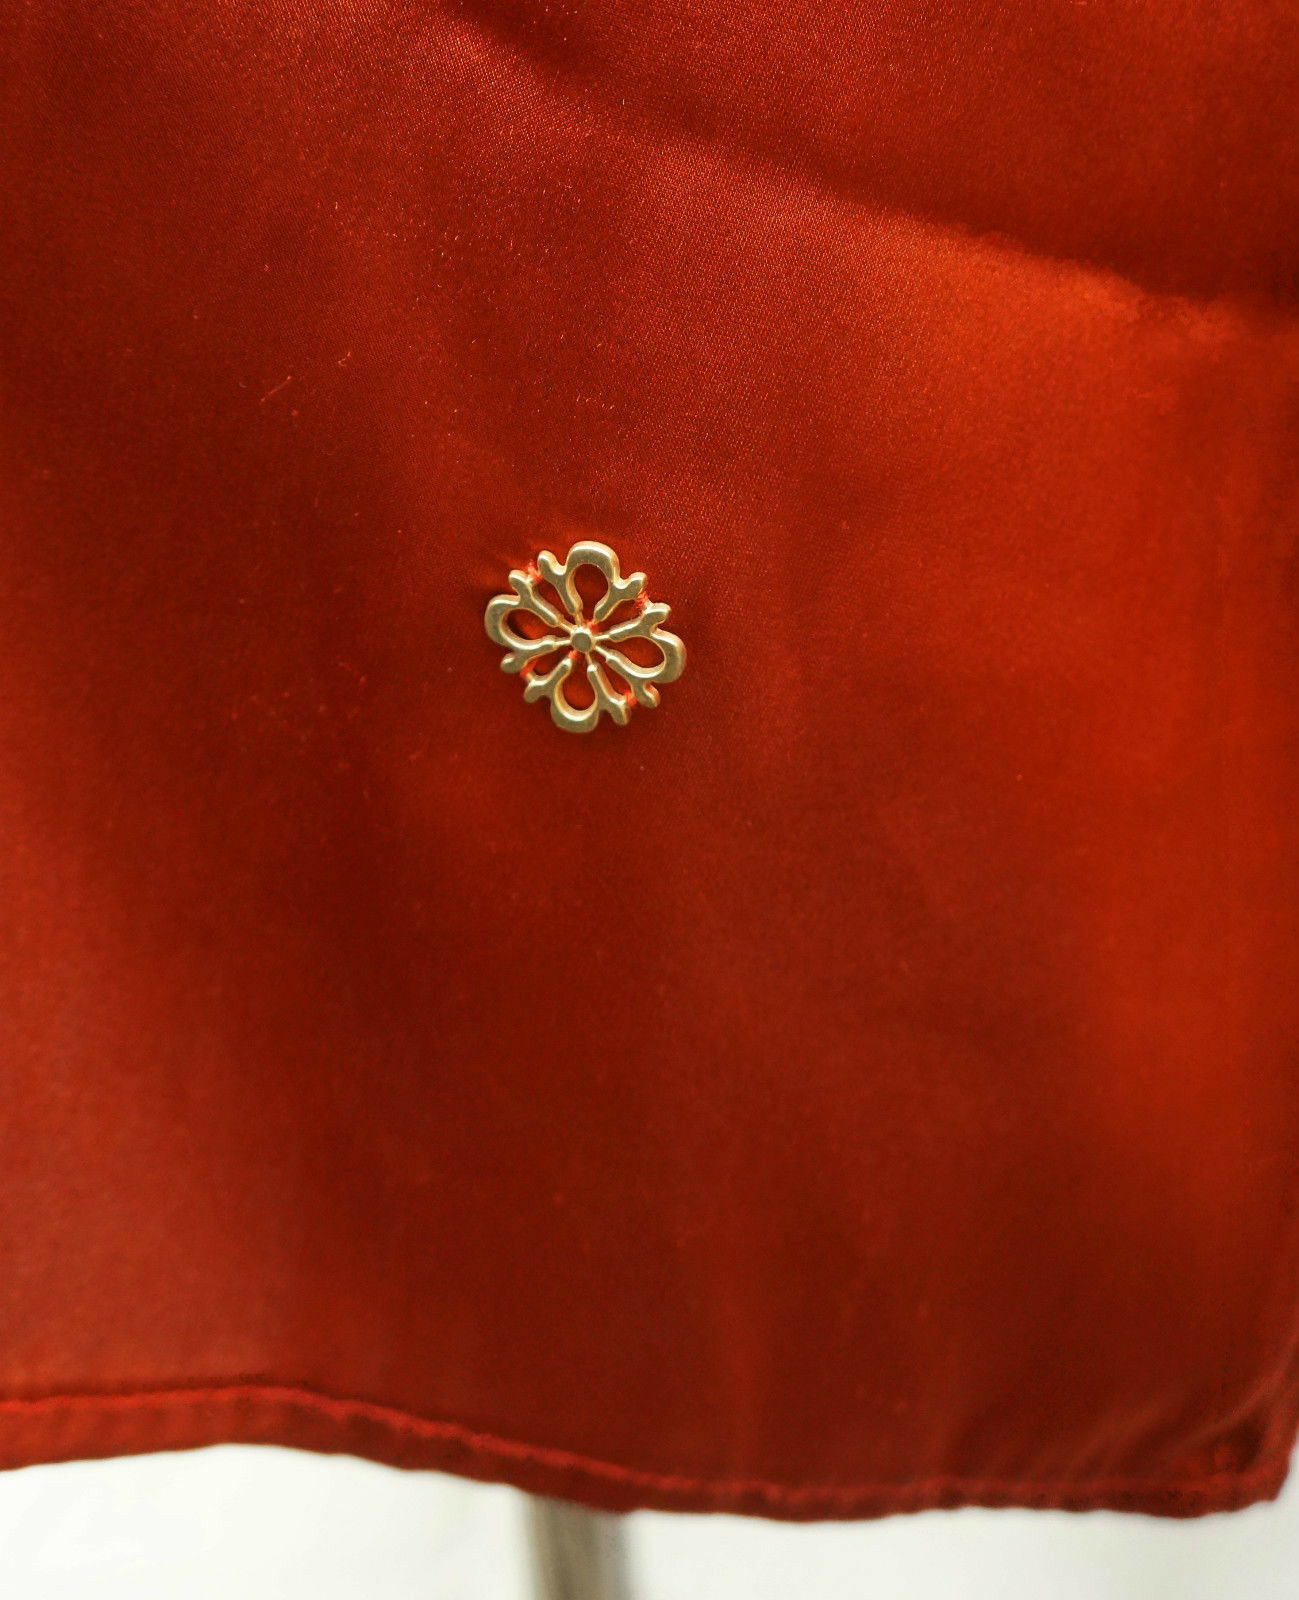 SatinBlause kupfer Gr.46 MILENAMILANO Blause SeidenBlause Satin EDEL Luxus Luxus Luxus NP   Up-to-date-styling    Ermäßigung    Das hochwertigste Material  db3626